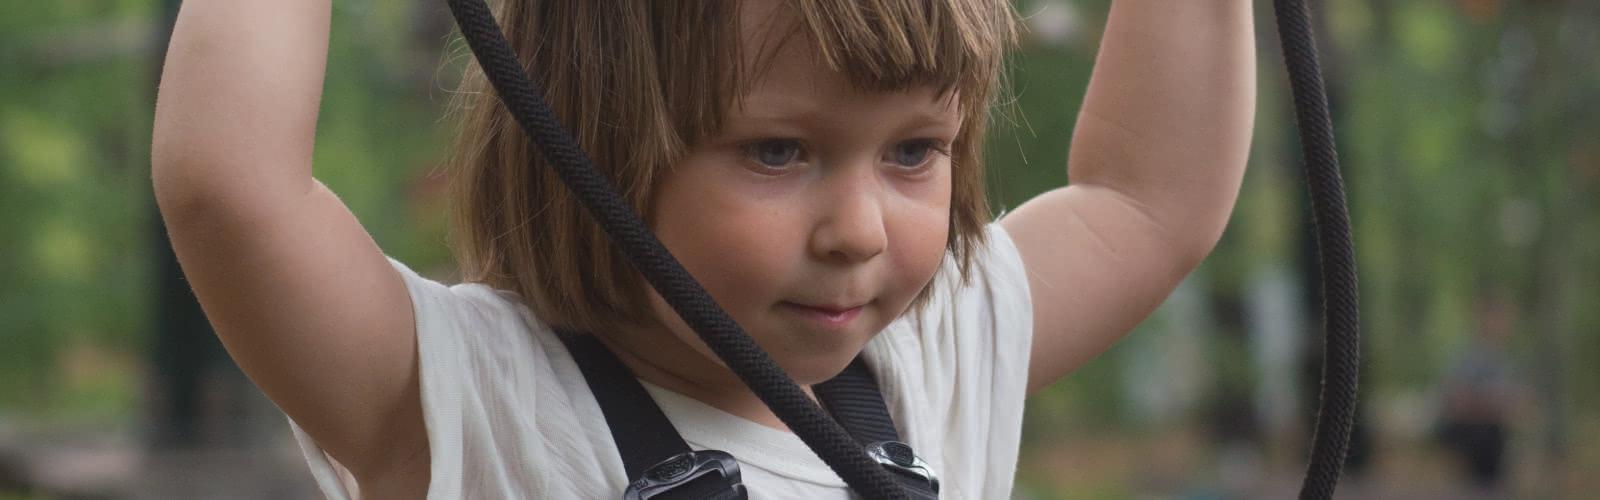 Jeune enfant dans un parc accrobranche